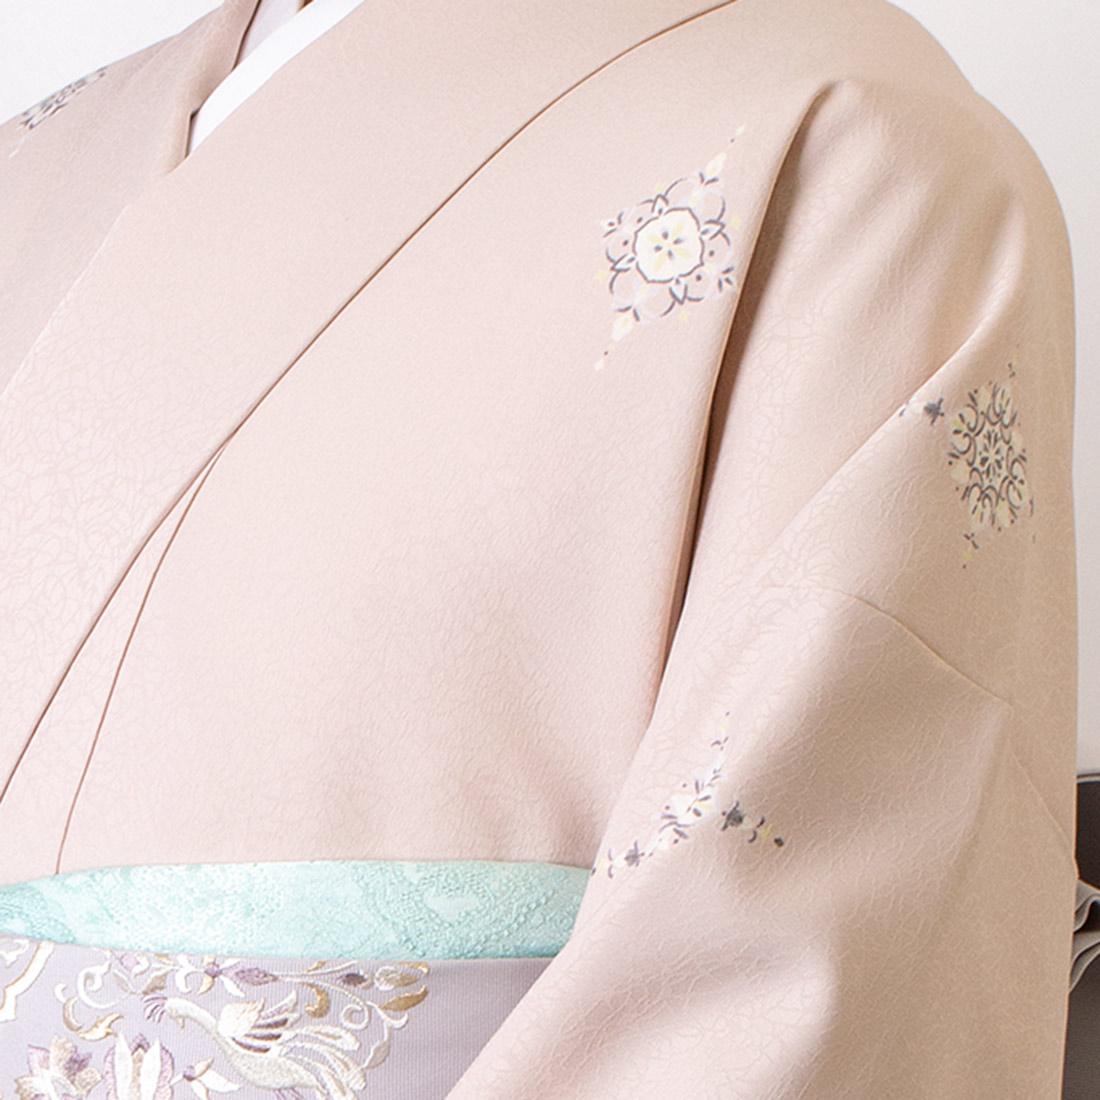 着物屋くるり ウォッシャブル着物 洗える着物 飛び柄小紋 菱花紋 アイスグレー